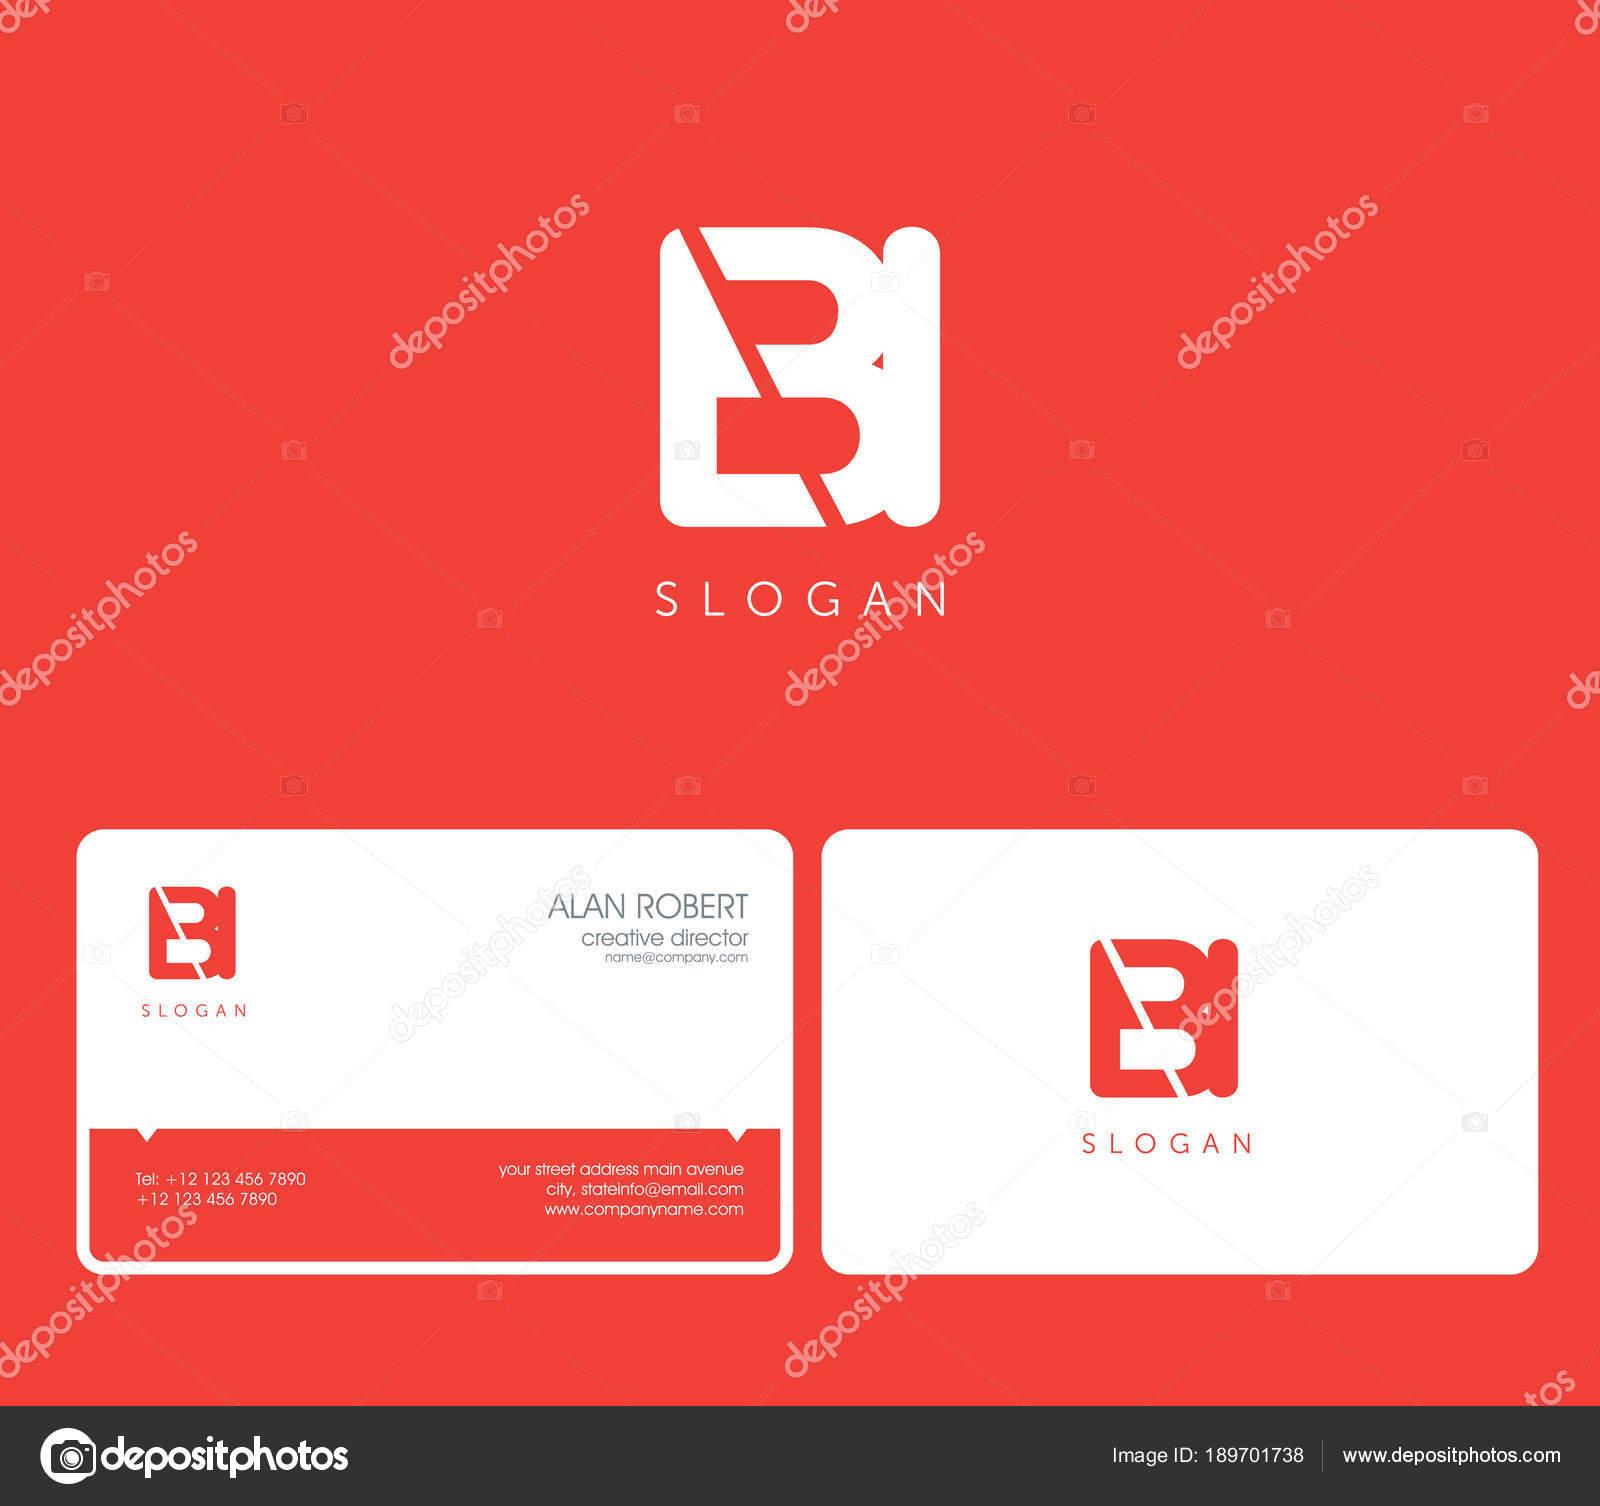 Bi Logo Commun Avec Lettres De Forme Ronde Modele Carte Visite Sur Fond Rouge Illustration Stock